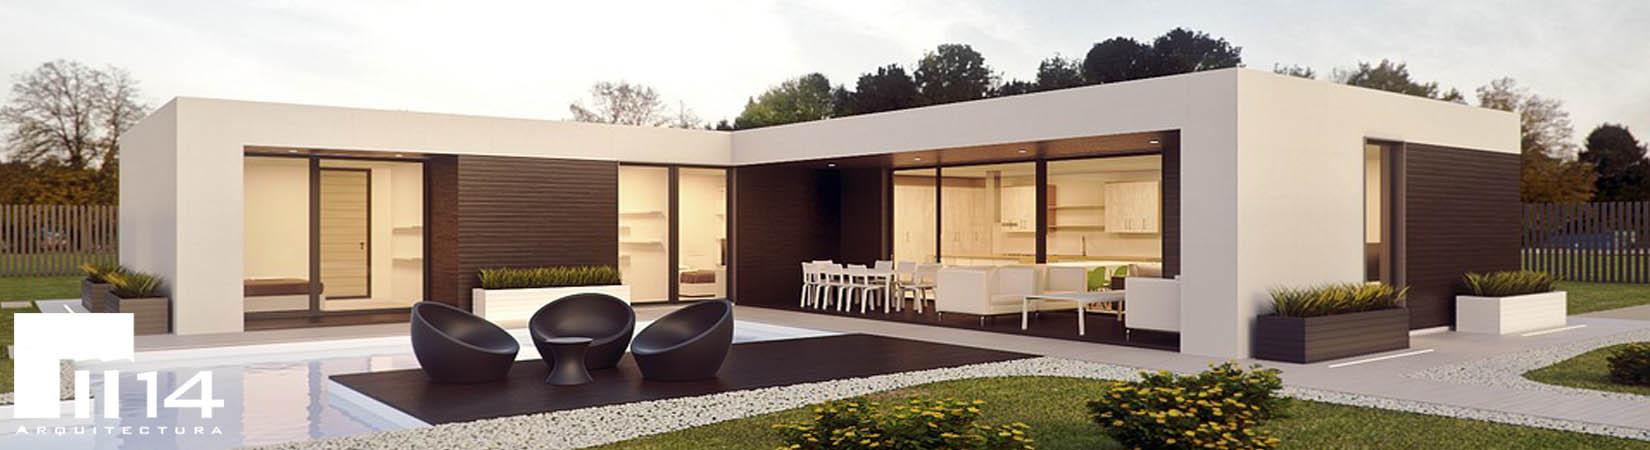 Construccion de casas prefabricadas